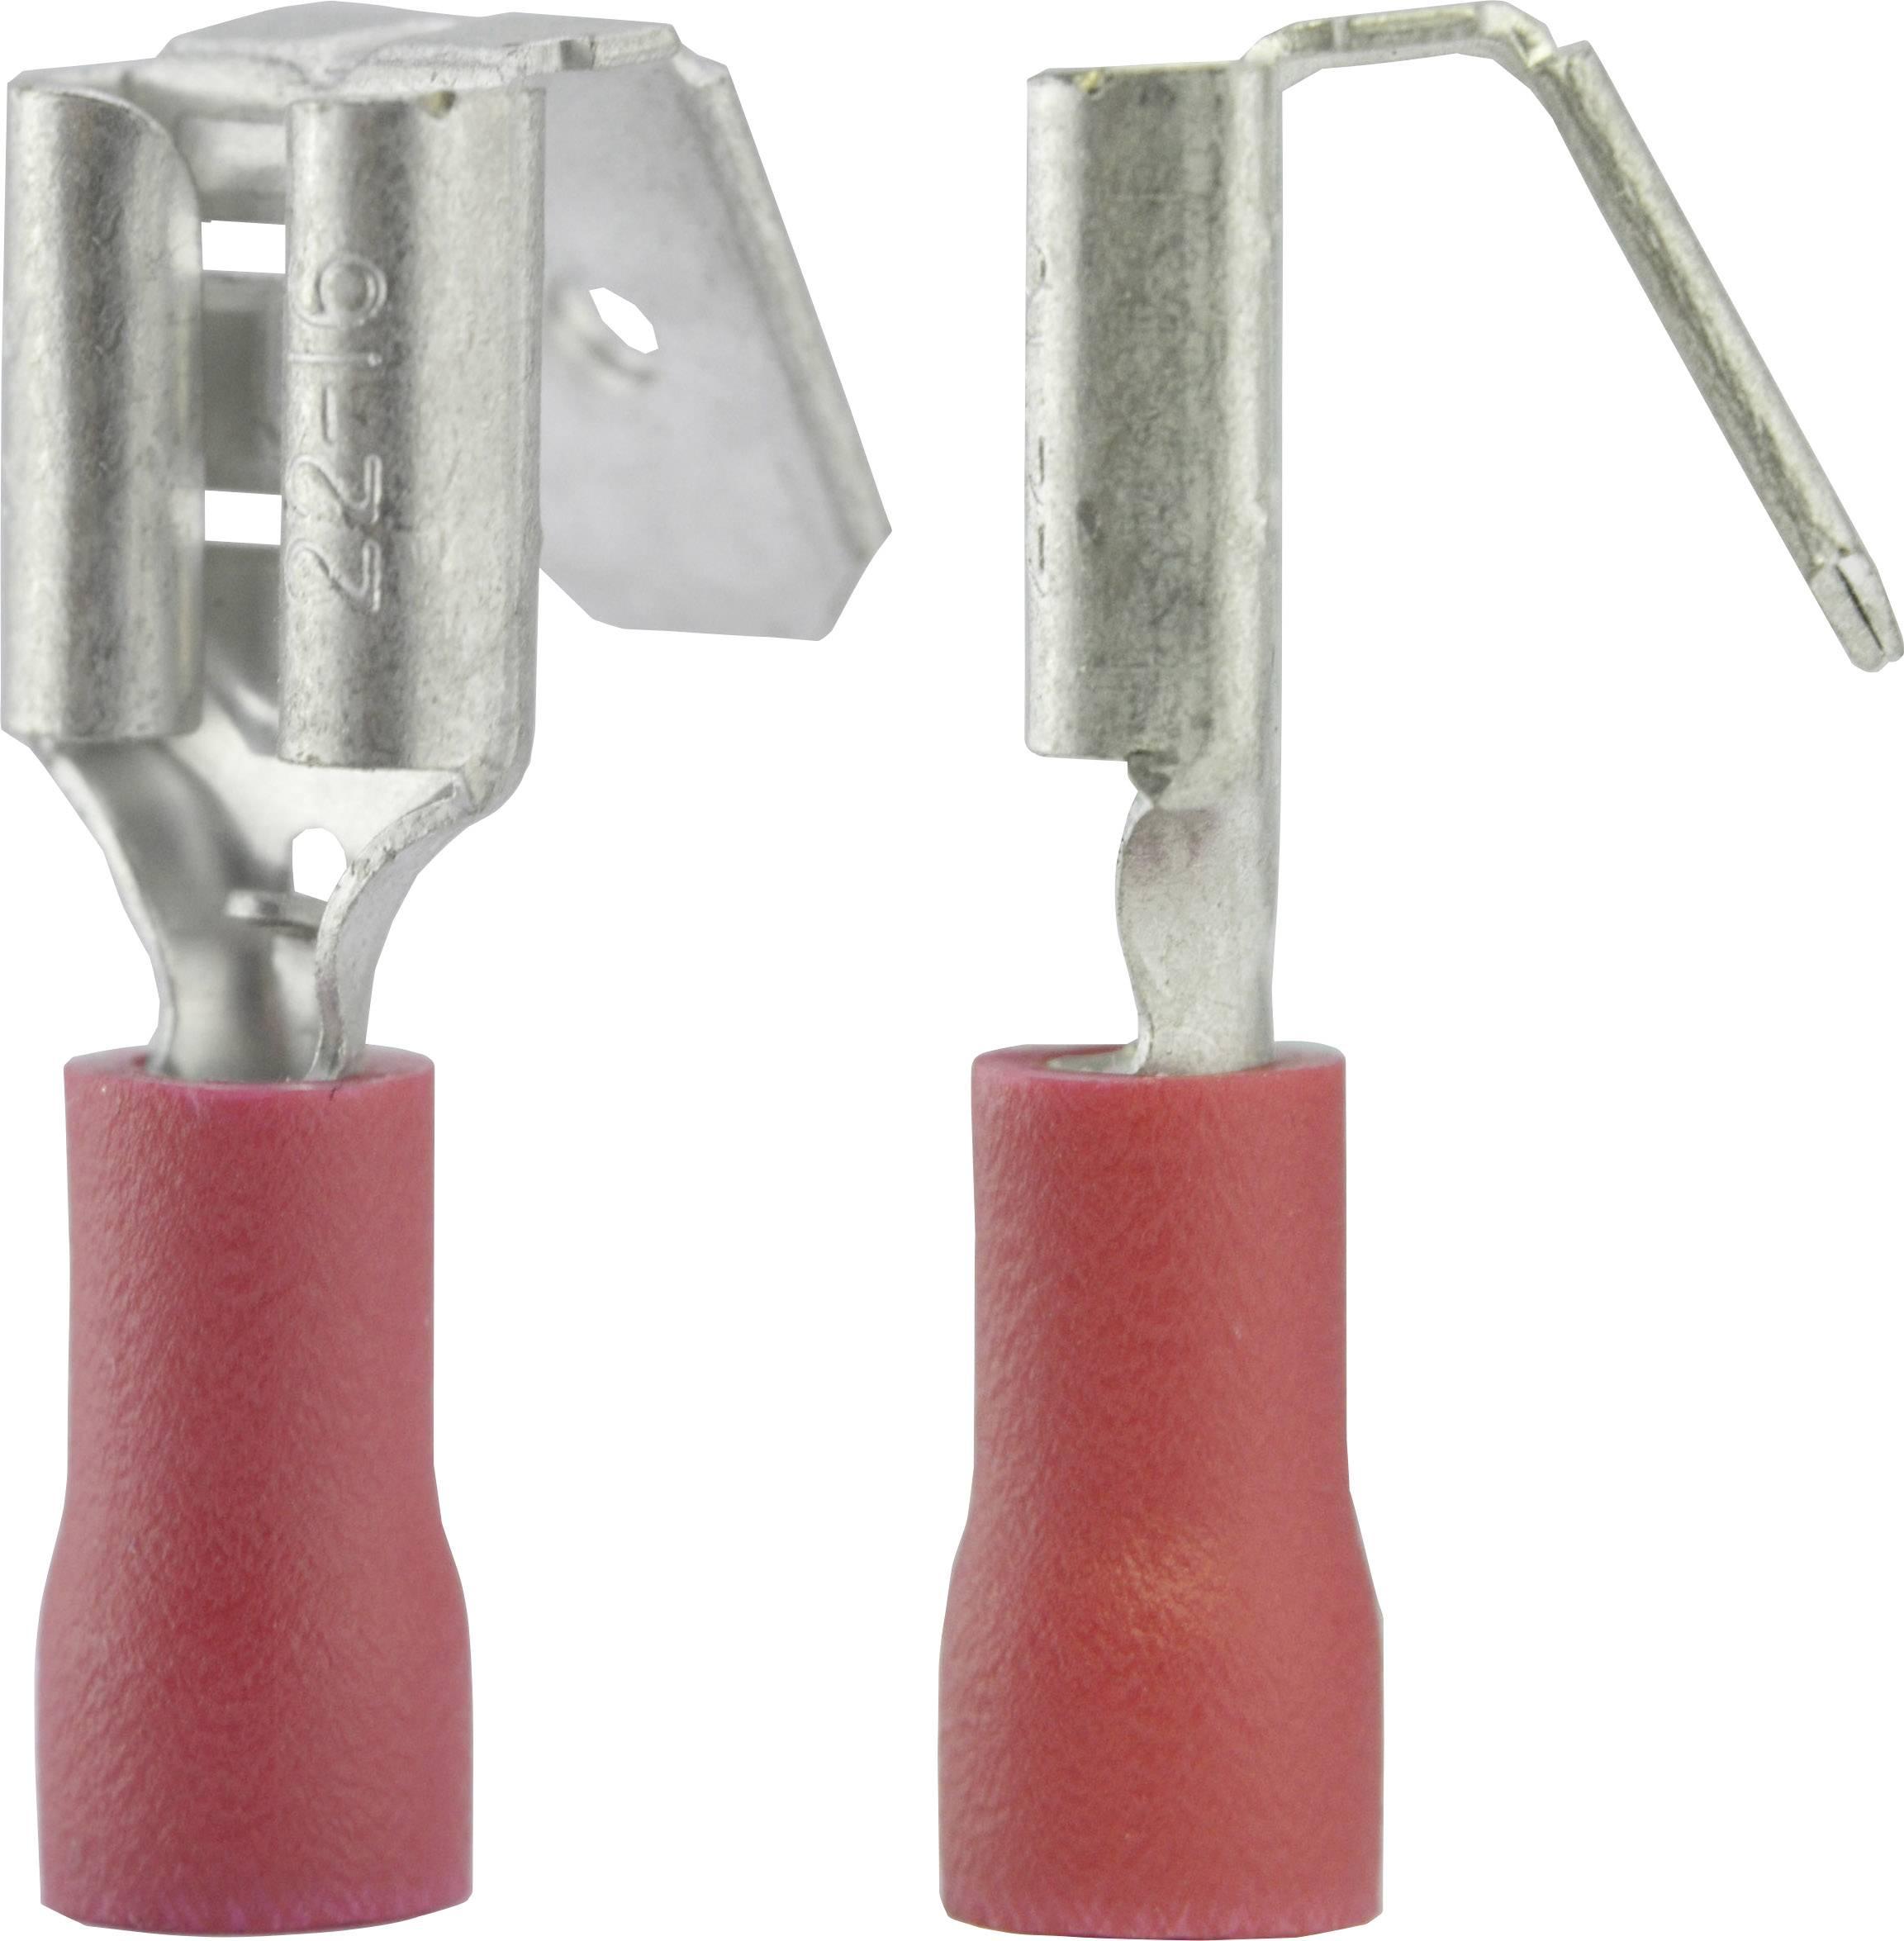 Faston zásuvka Vogt Verbindungstechnik 3925S s odbočkou, 6.3 mm x 0.8 mm, 180 °, částečná izolace, červená, 1 ks